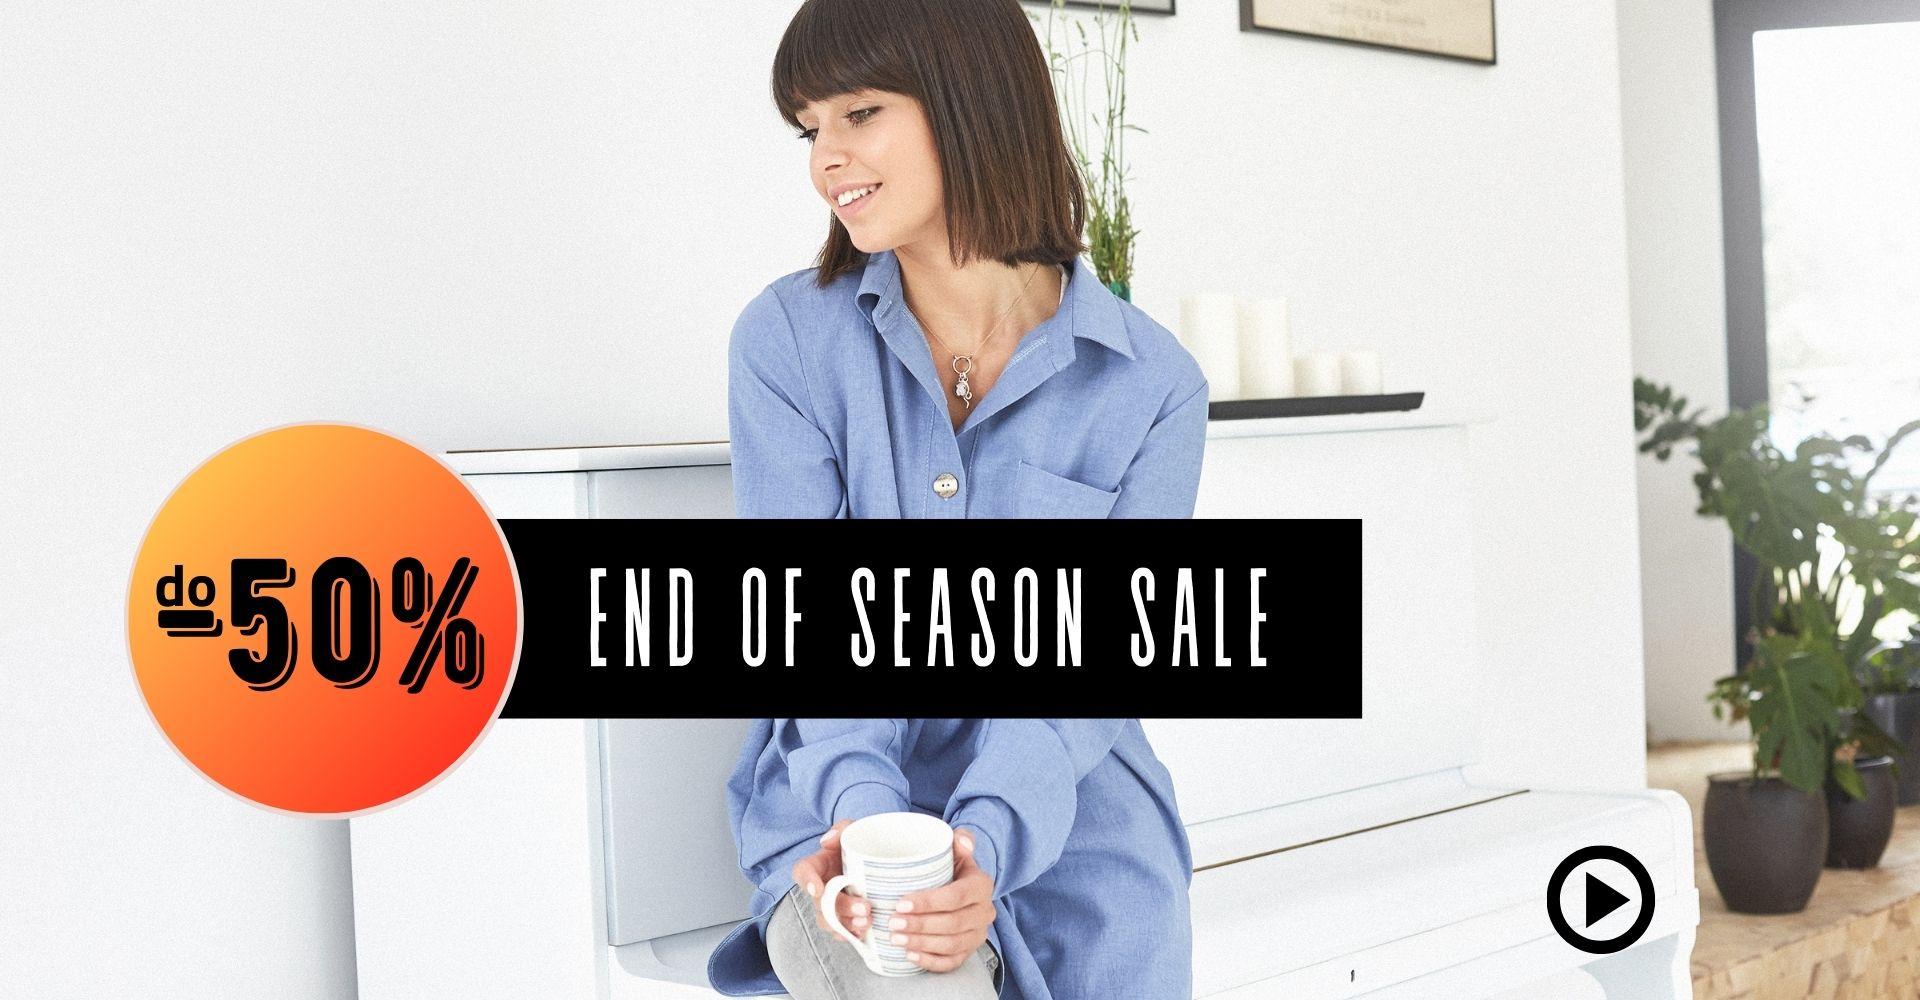 Sukienki Shop Sukienki Shop: wyprzedaż do 50% rabatu na sukienki, spódnice, swetry, bluzy i komplety - ostatnie dni